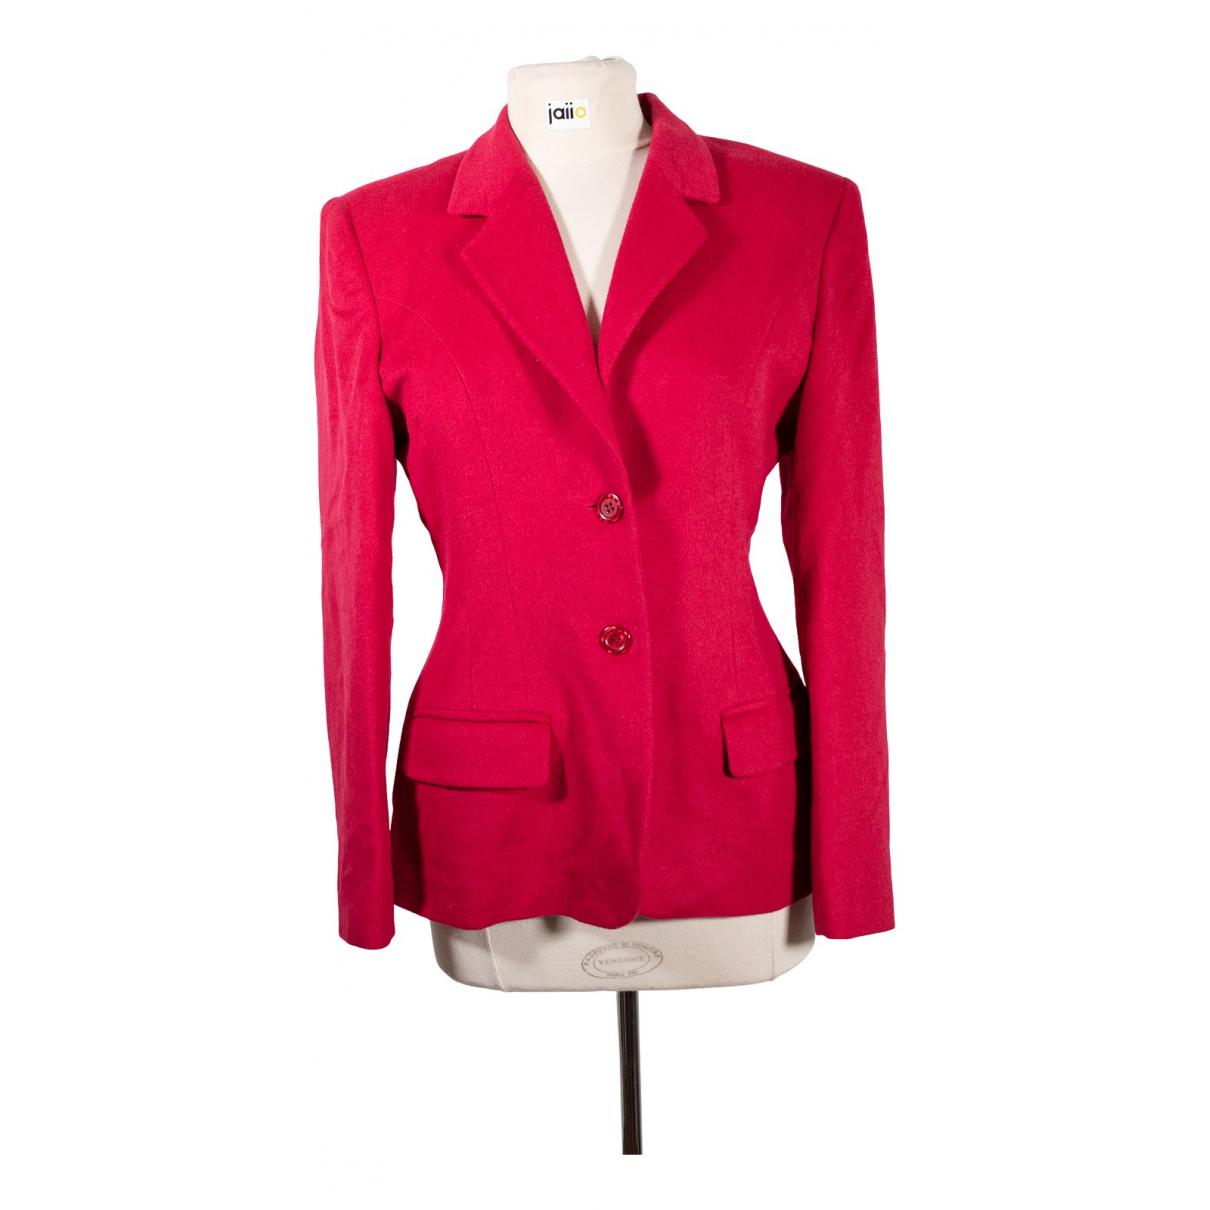 Irene Van Ryb \N Jacke in  Rot Wolle